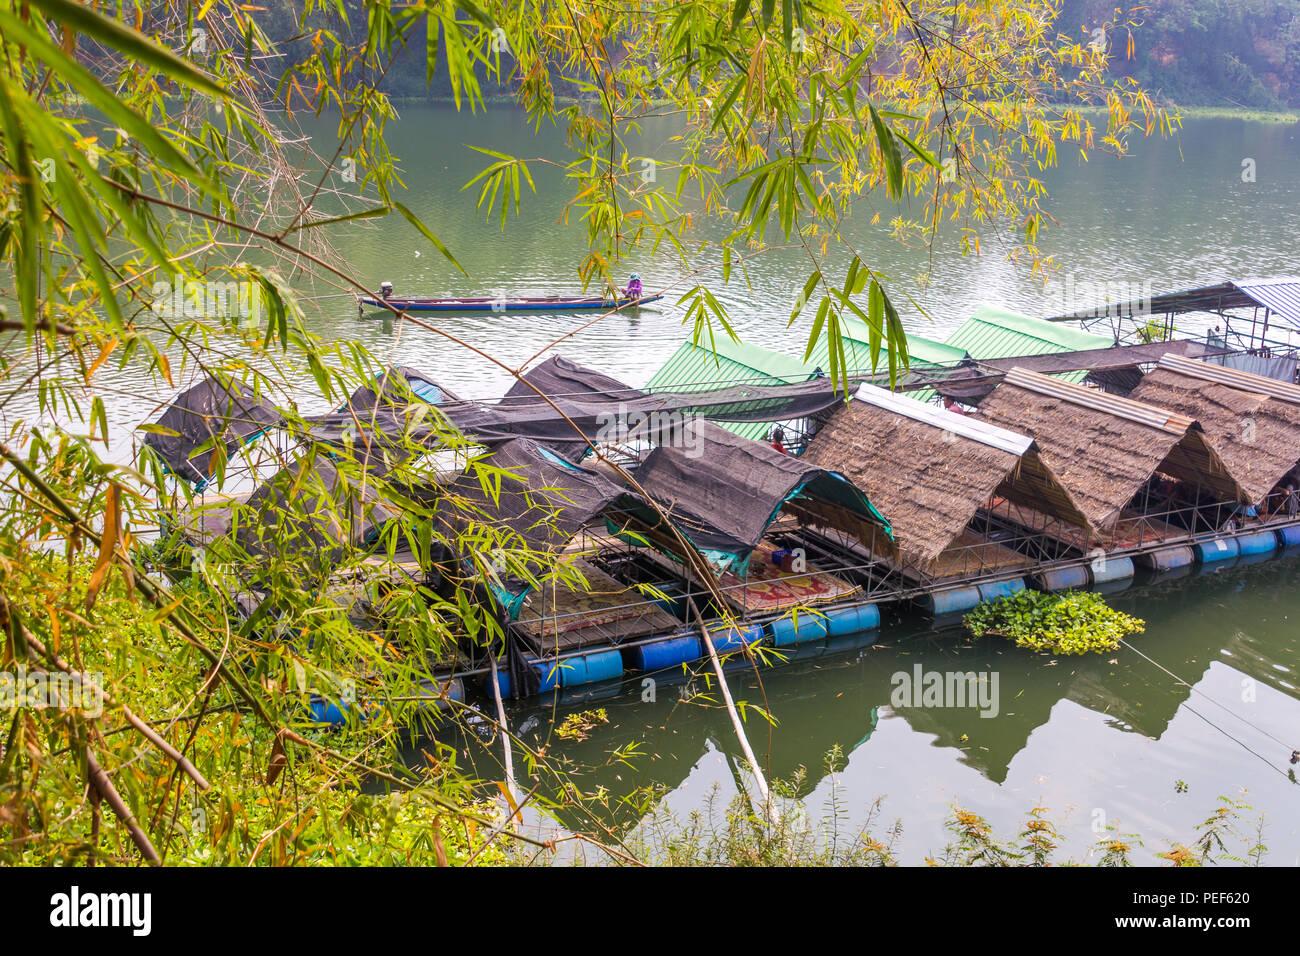 Floating Raft Restaurant in Ubon Ratchathani, Thailand - Stock Image